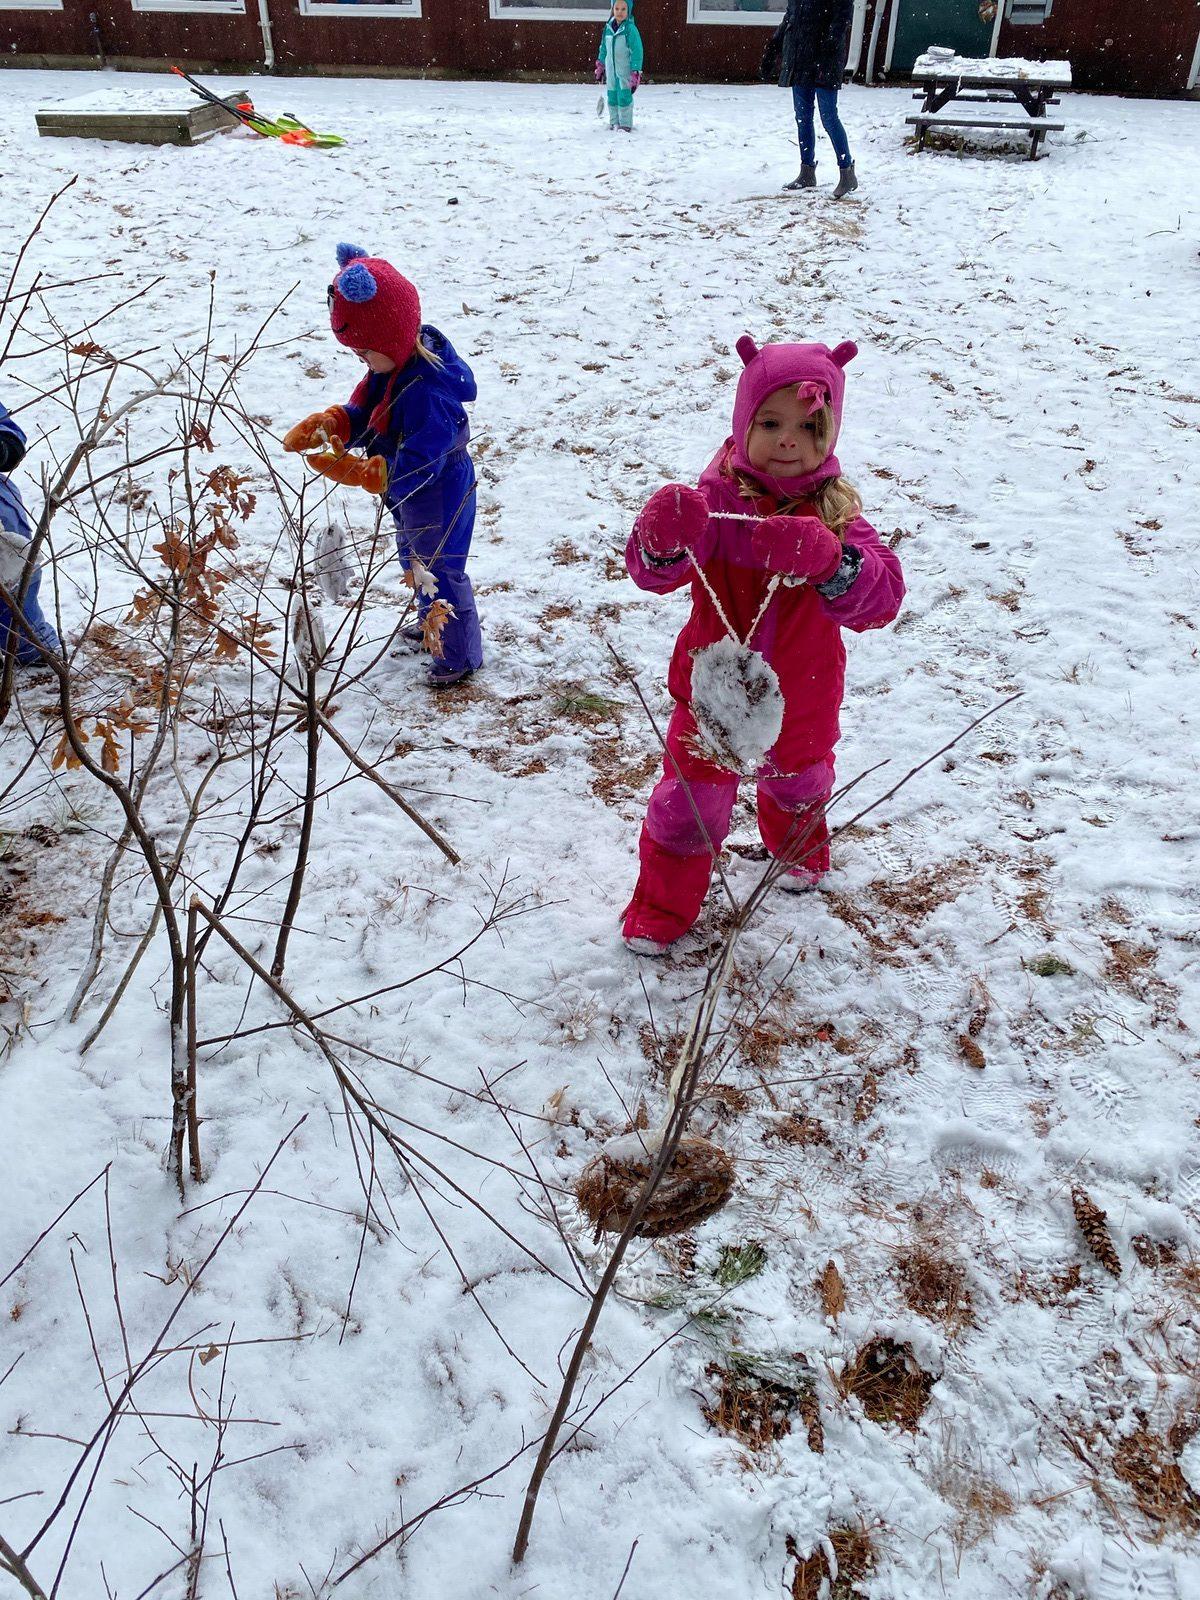 PreK Art Play Nursery School Week 3 Winter Games 2021 Moment of the Week